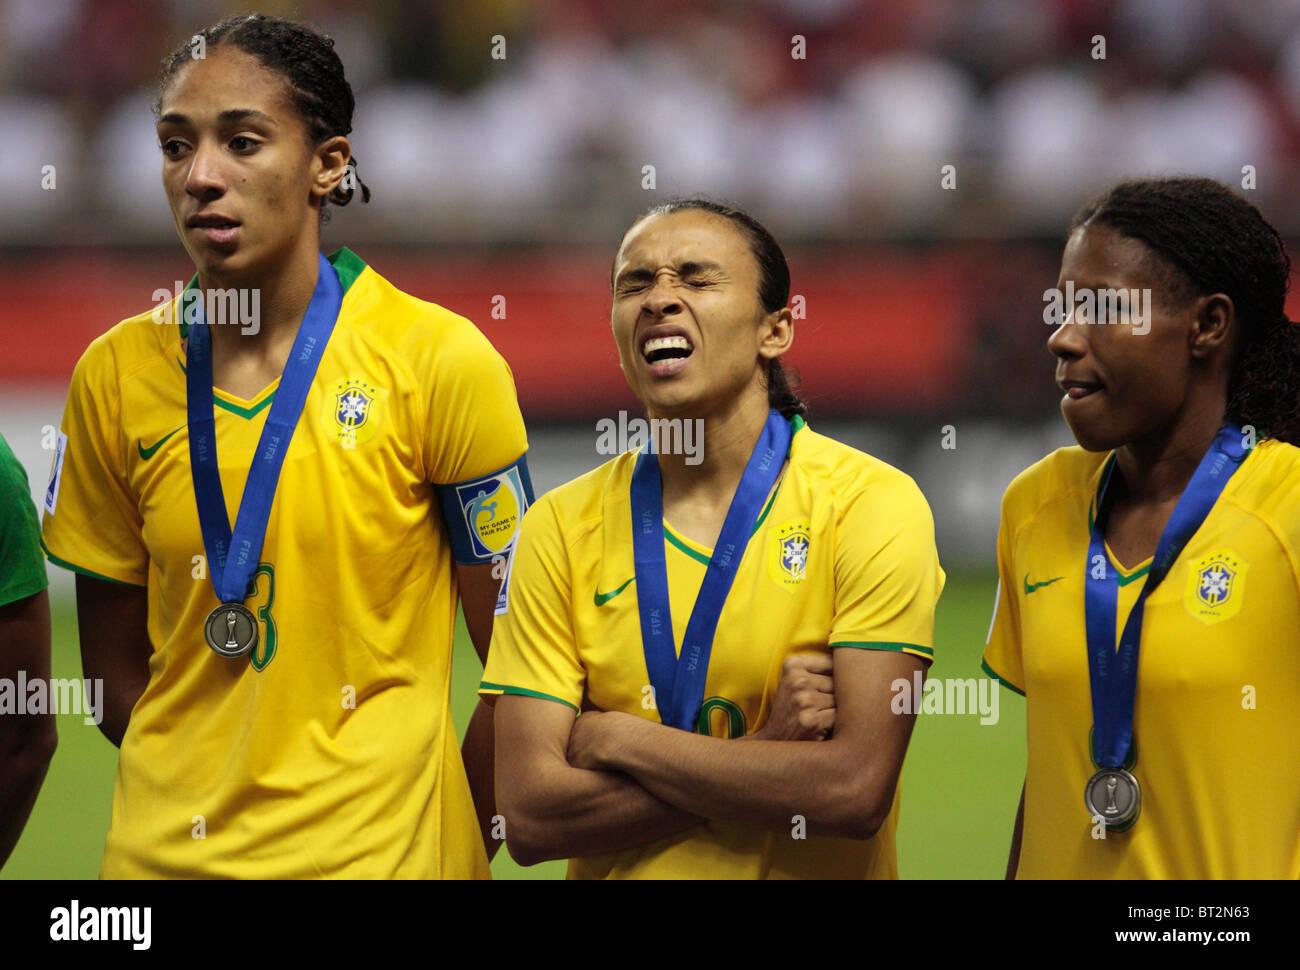 Marta de Brasil muecas durante la ceremonia de entrega de premios después de Brasil fue derrotada por Alemania Imagen De Stock